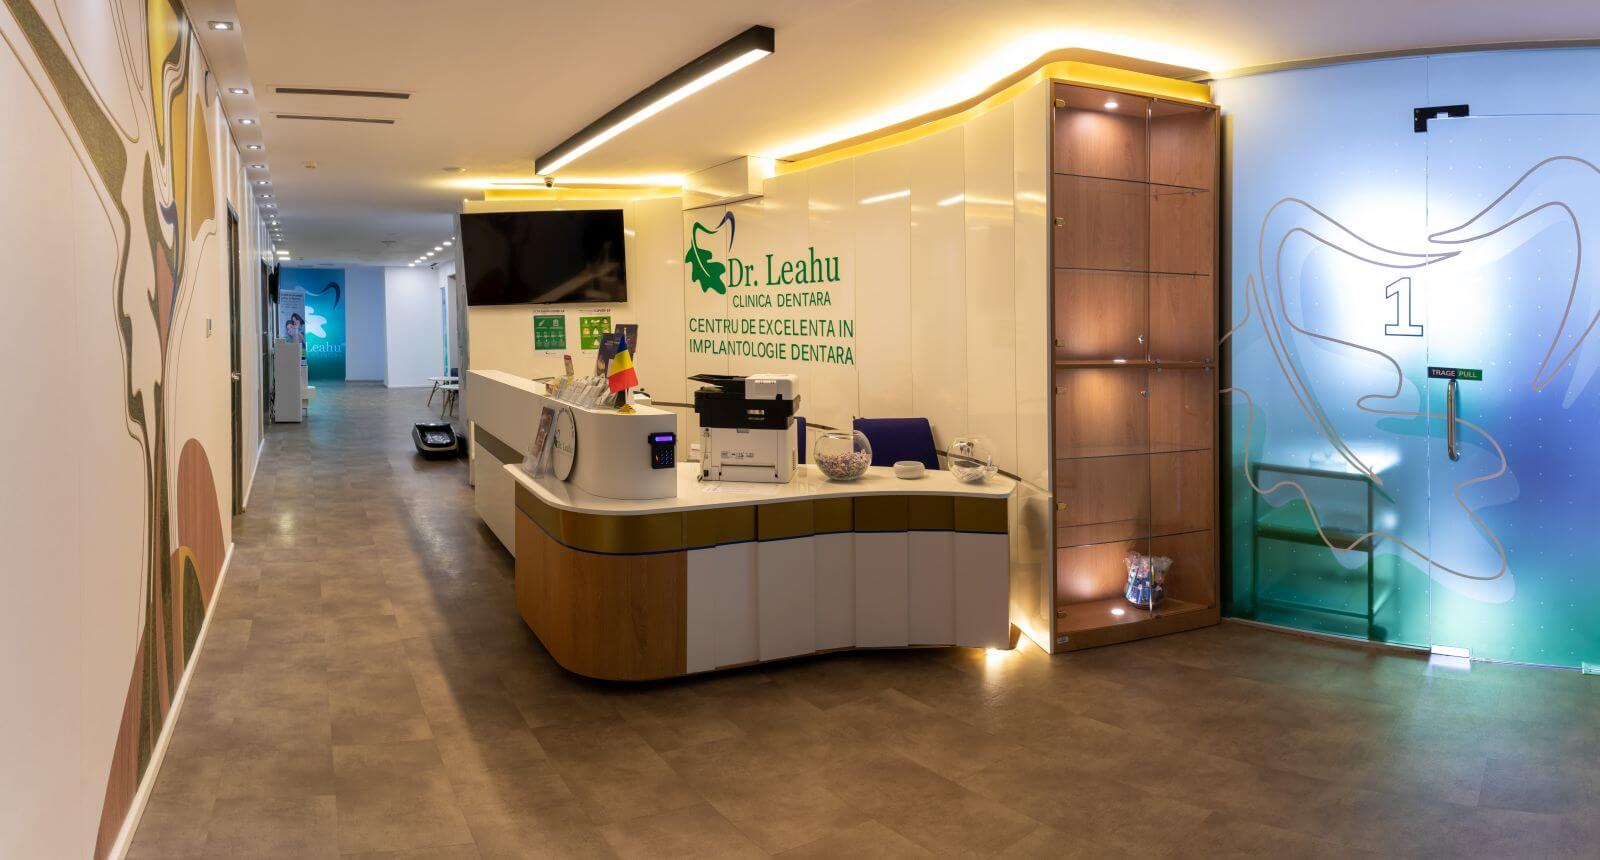 Interventie in cadrul Centrului de Excelență în Implantologie Dentară Dr. Leahu Rin Grand Hotel, Clinica stomatologica sector 4 Bucuresti la care participa medici stomatologi